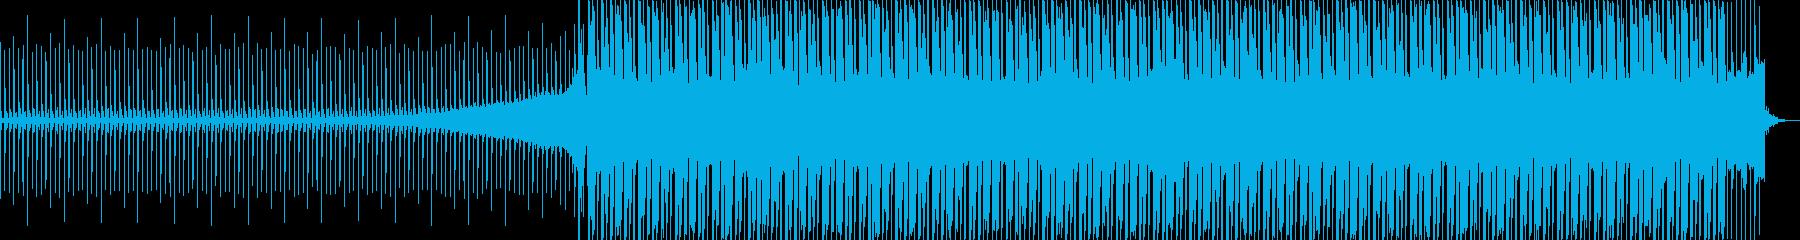 やんわりとした音のシンセサウンドの再生済みの波形